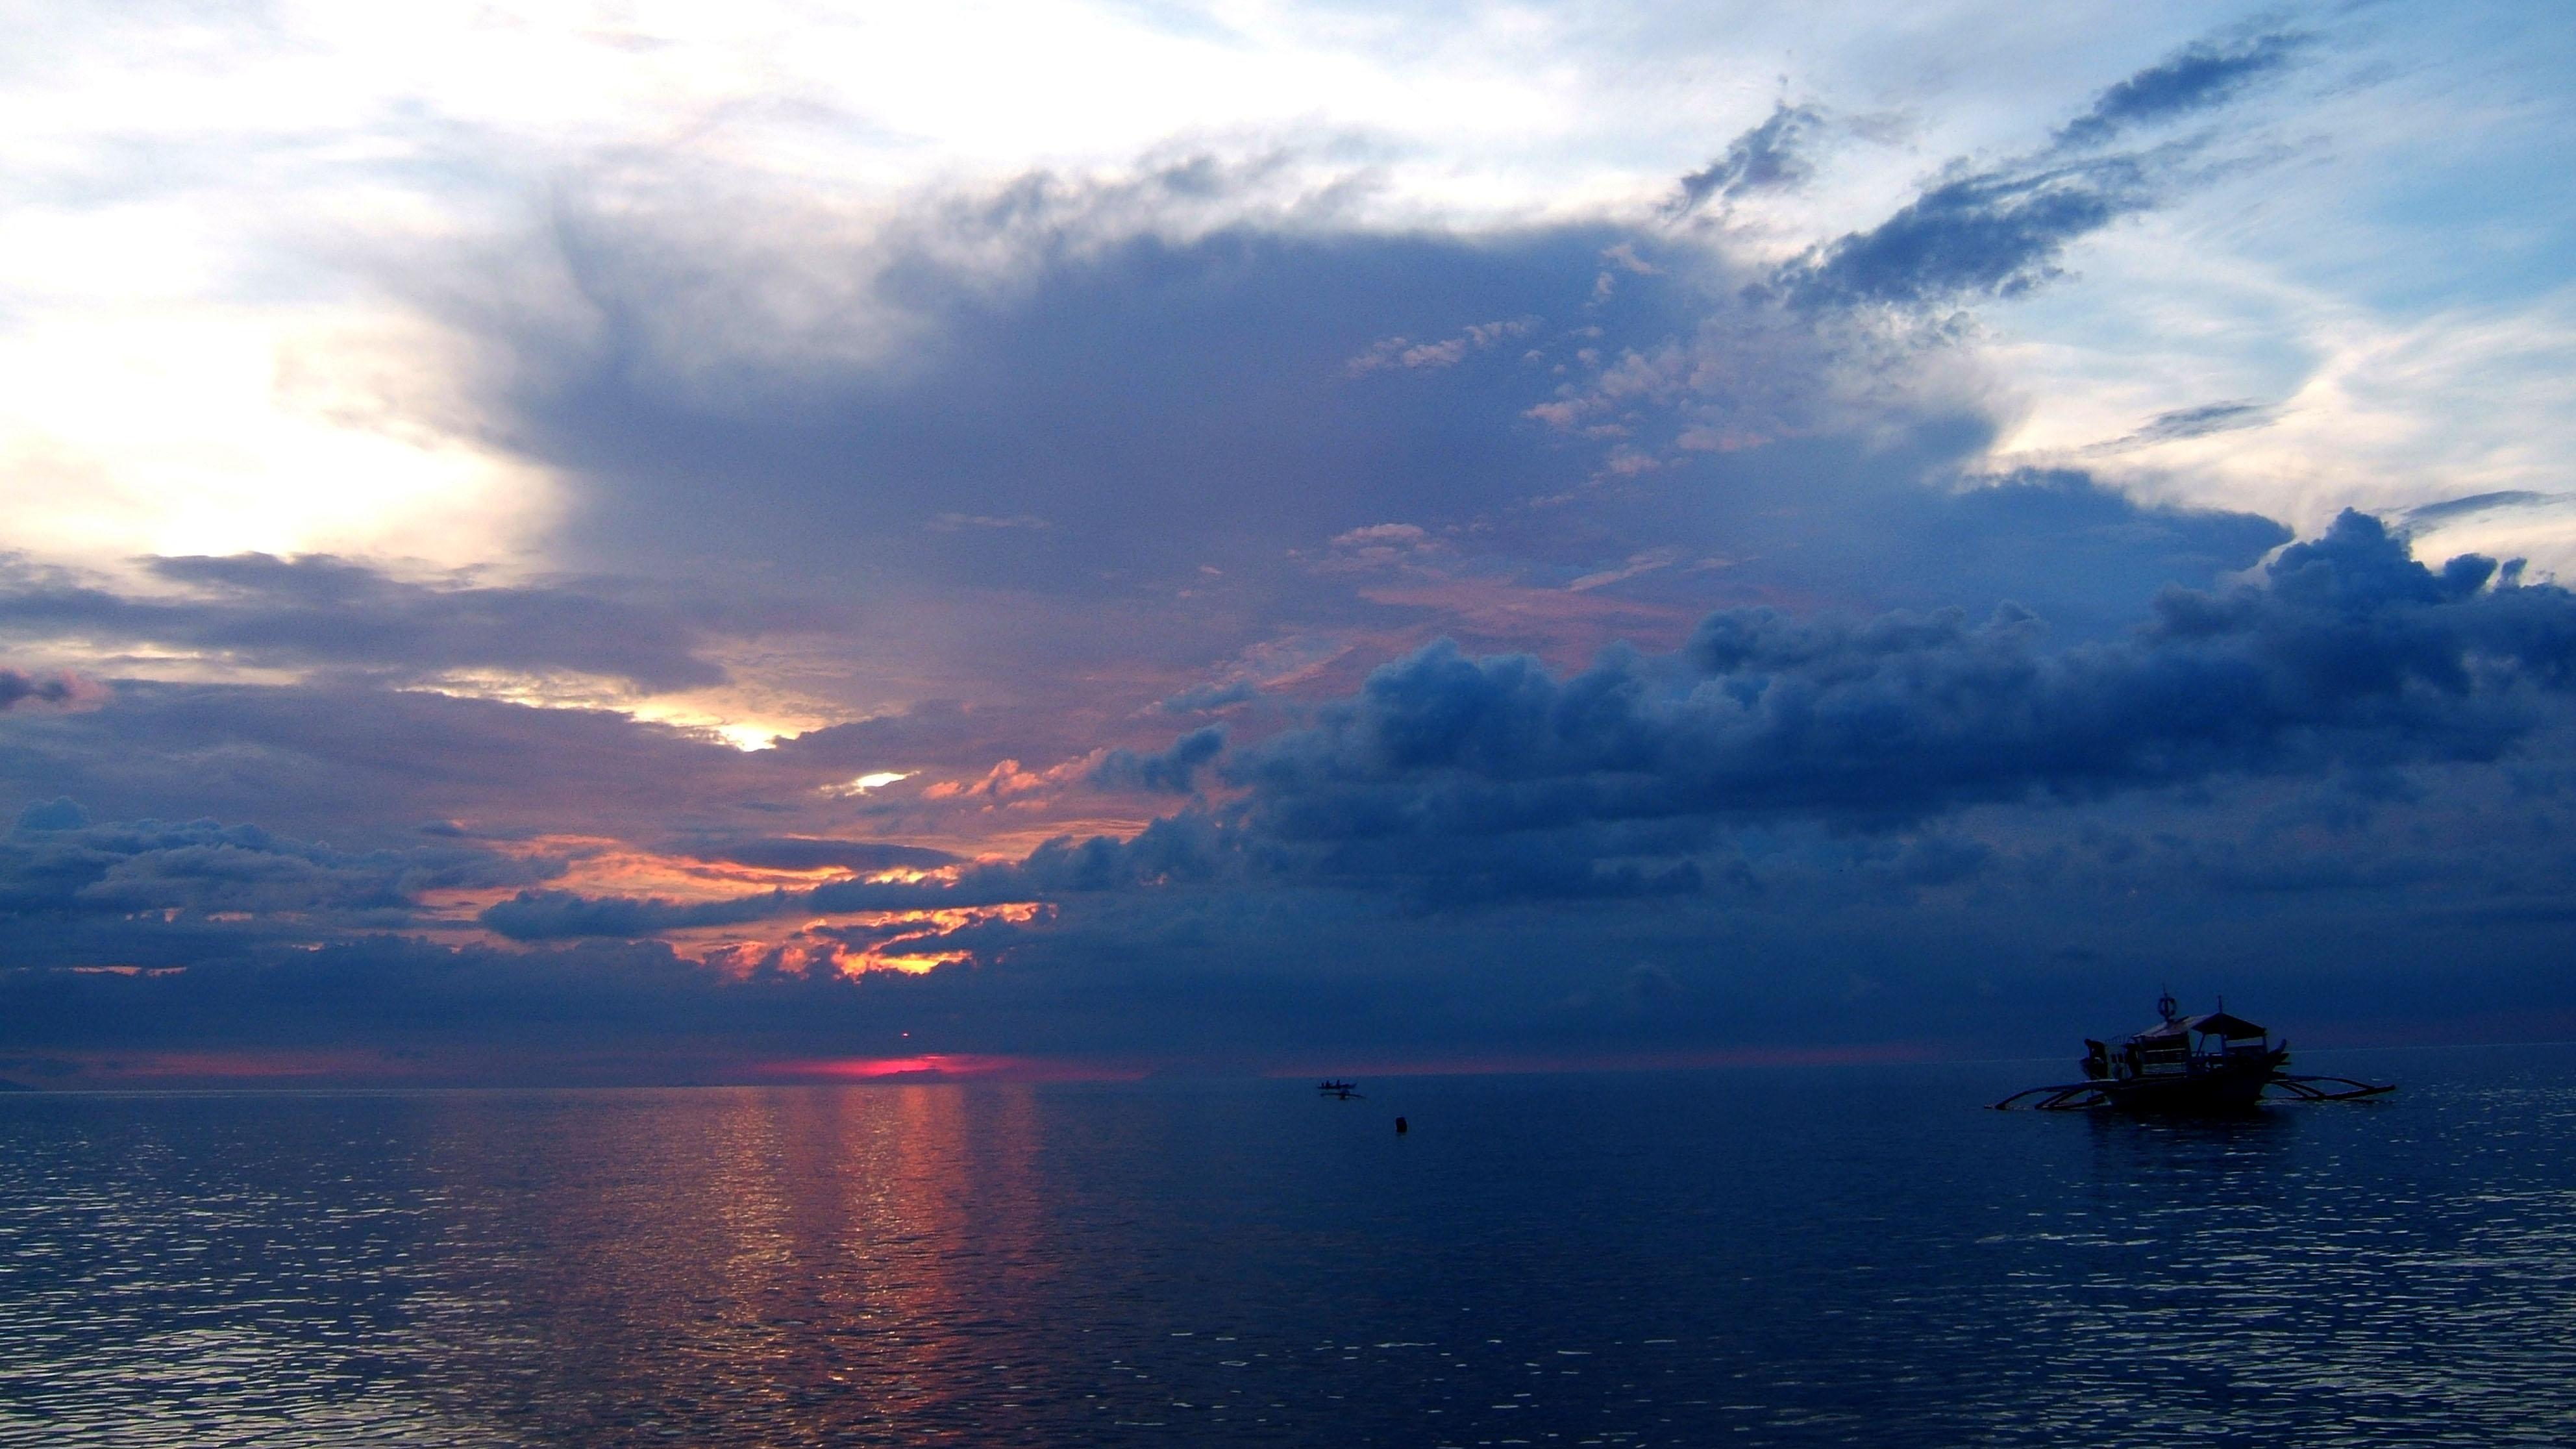 Sunset Philippines Mindoro White Beach 06